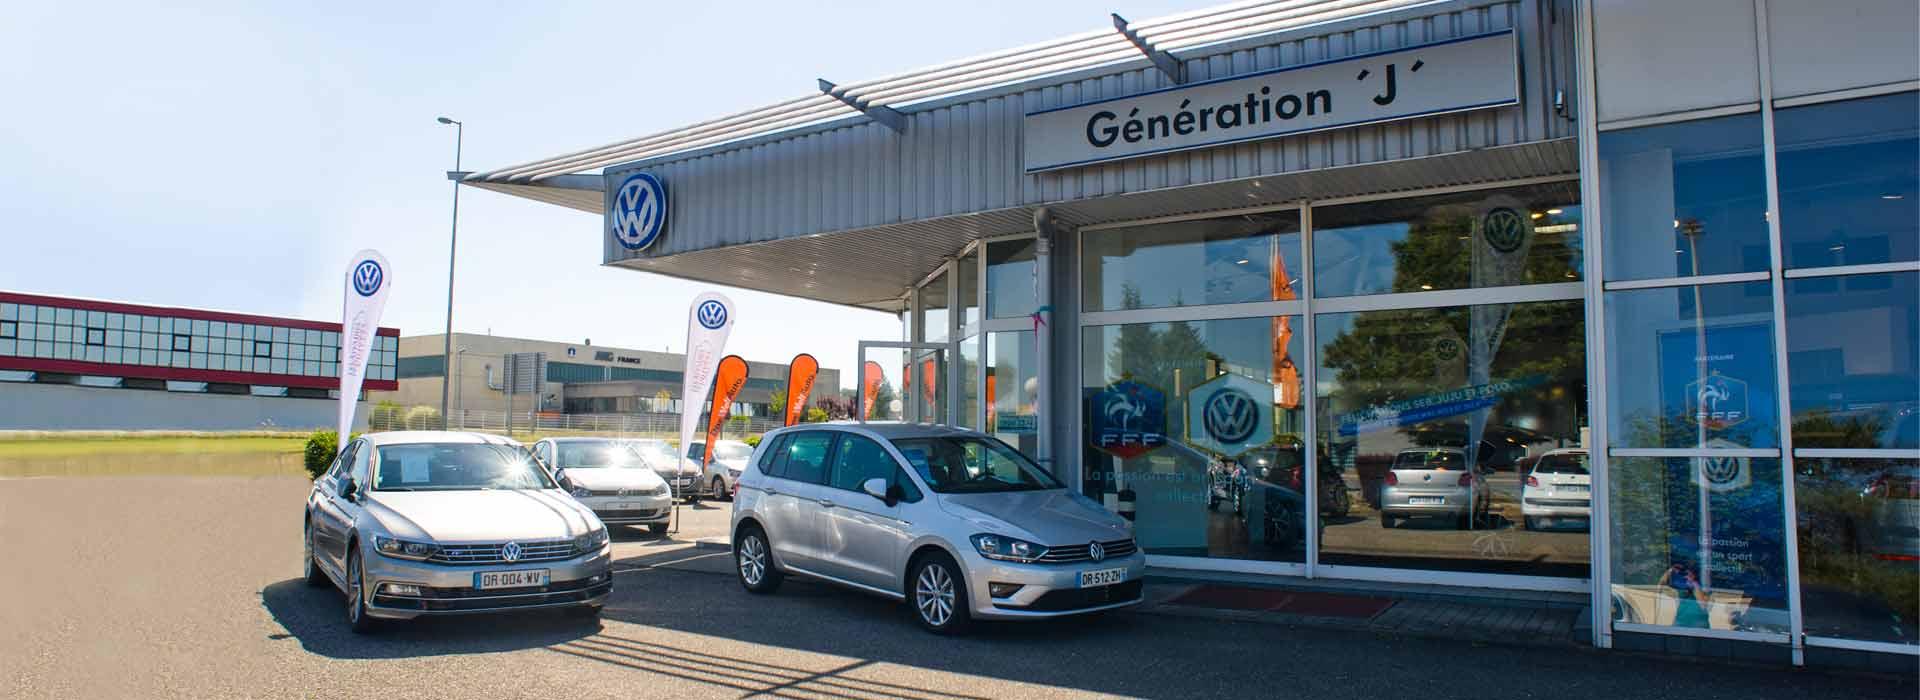 Volkswagen sarreguemines concessionnaire garage moselle 57 - Garage audi sarreguemines ...